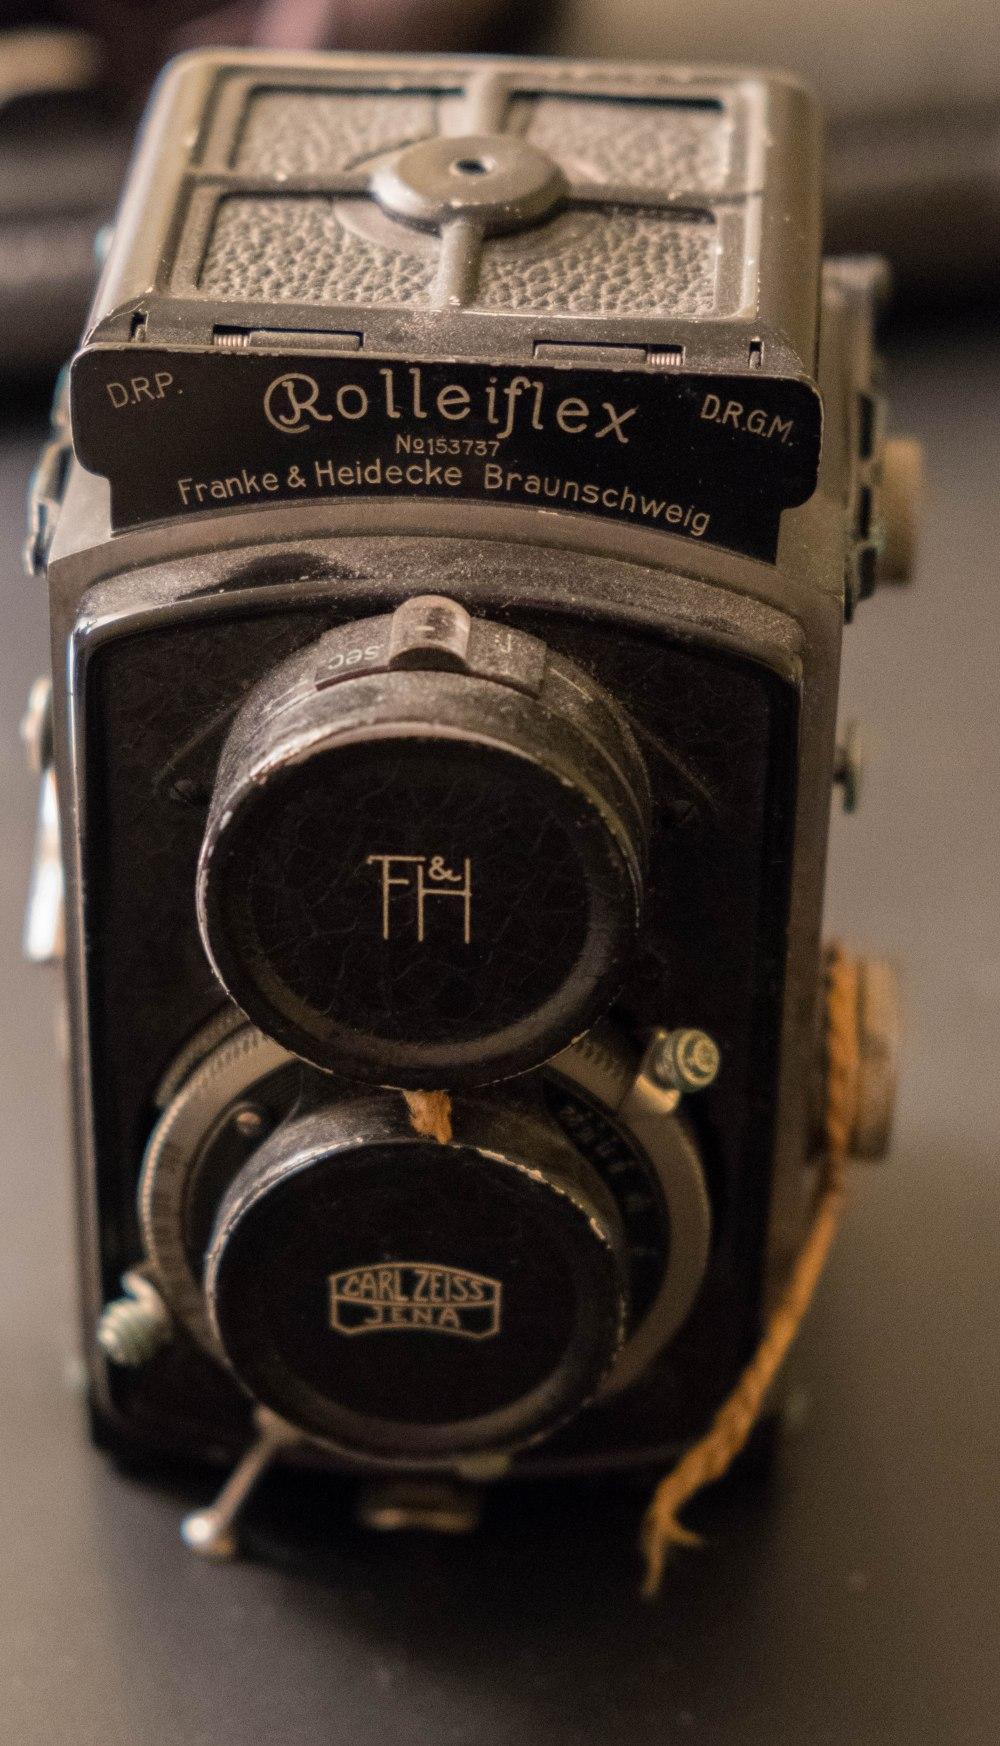 Rolleiflex Baby